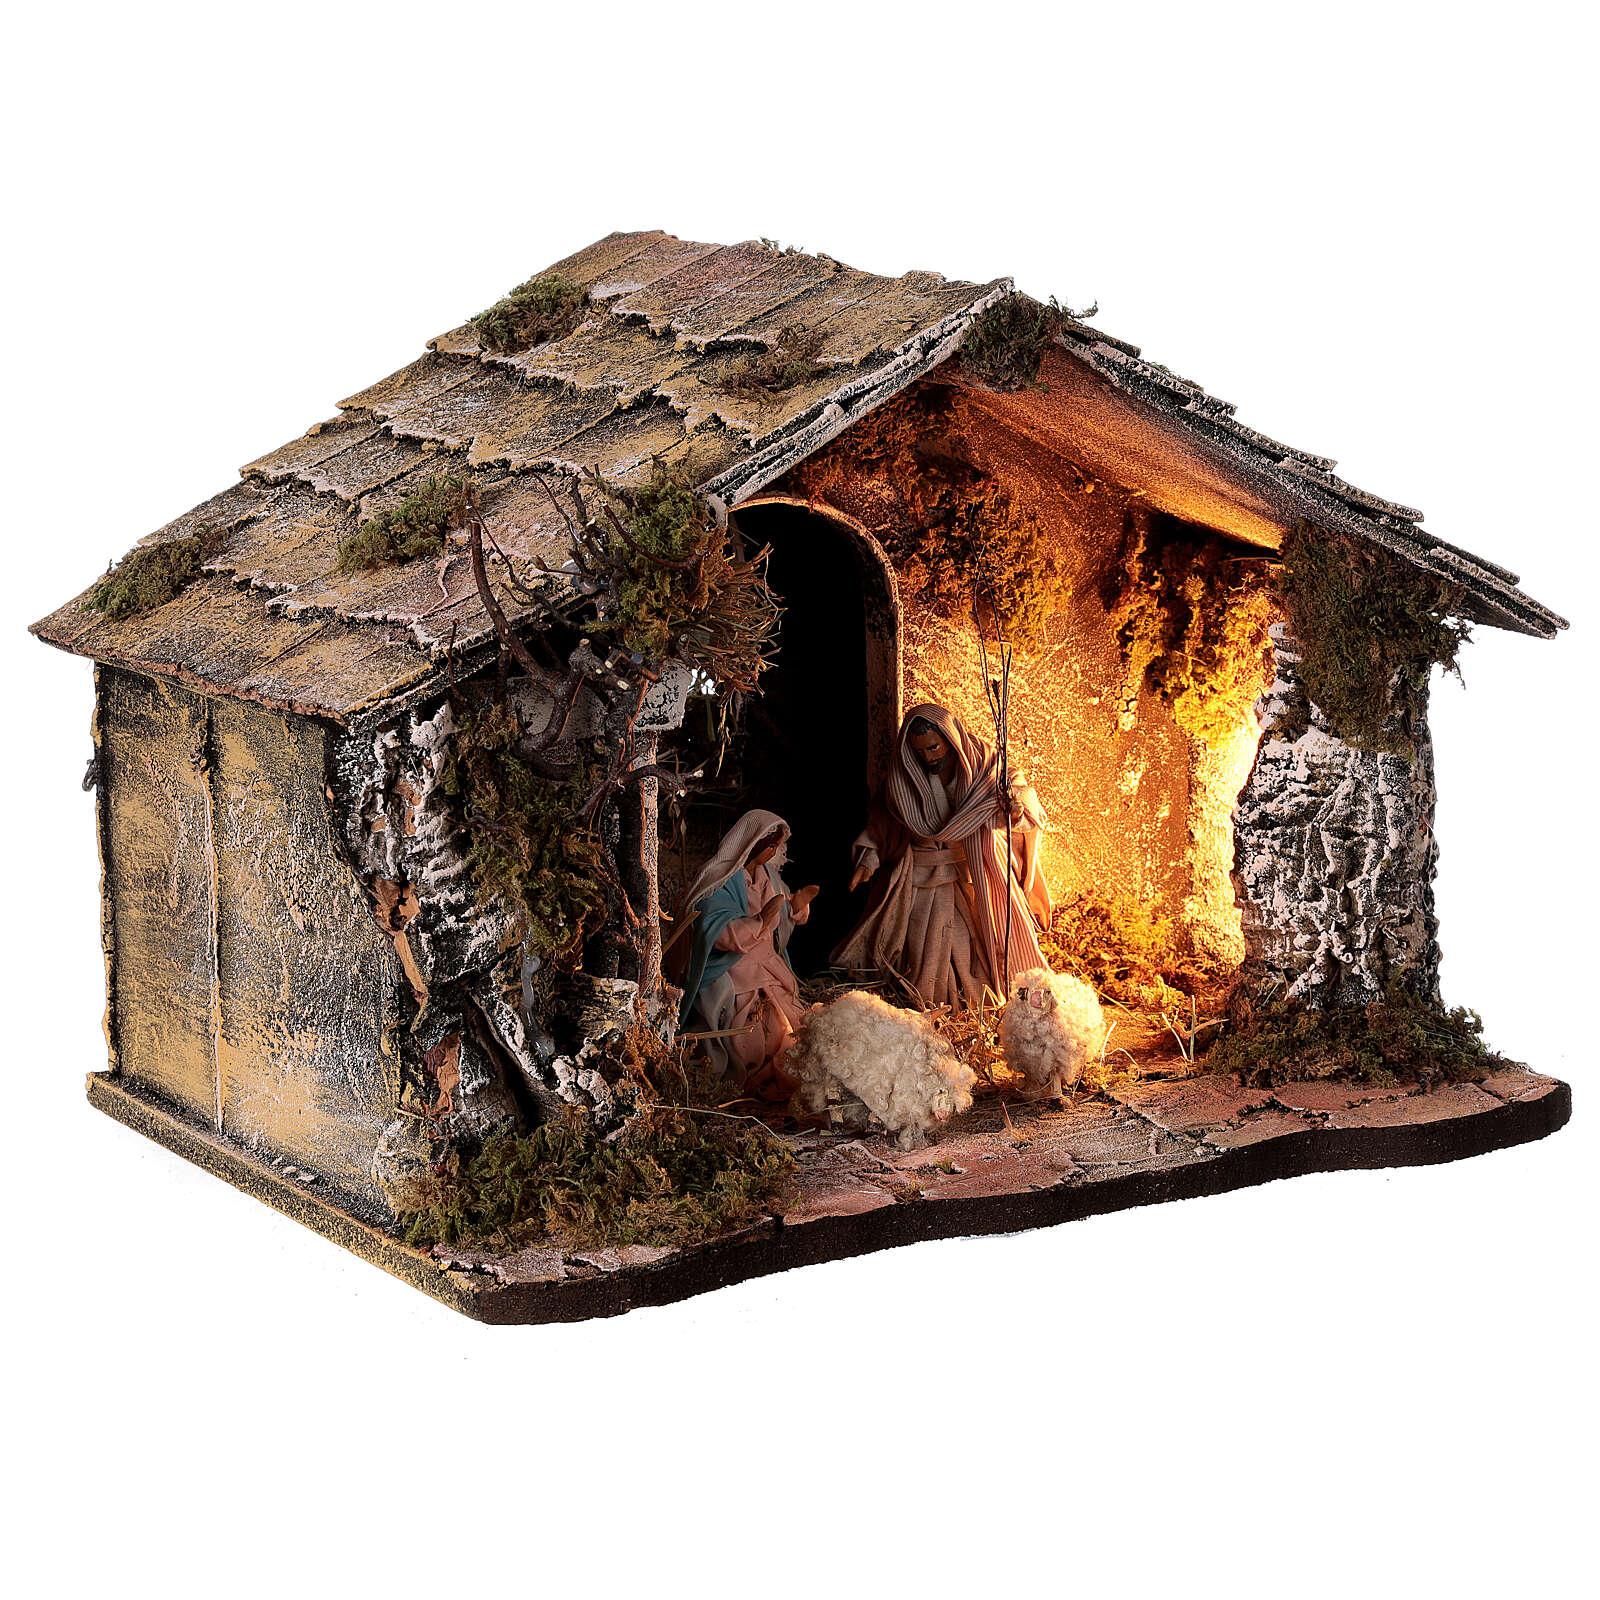 Cabana Natividade telhado inclinado musgo e cortiça com figuras altura média 12 cm presépio napolitano 27x30x40 cm 4